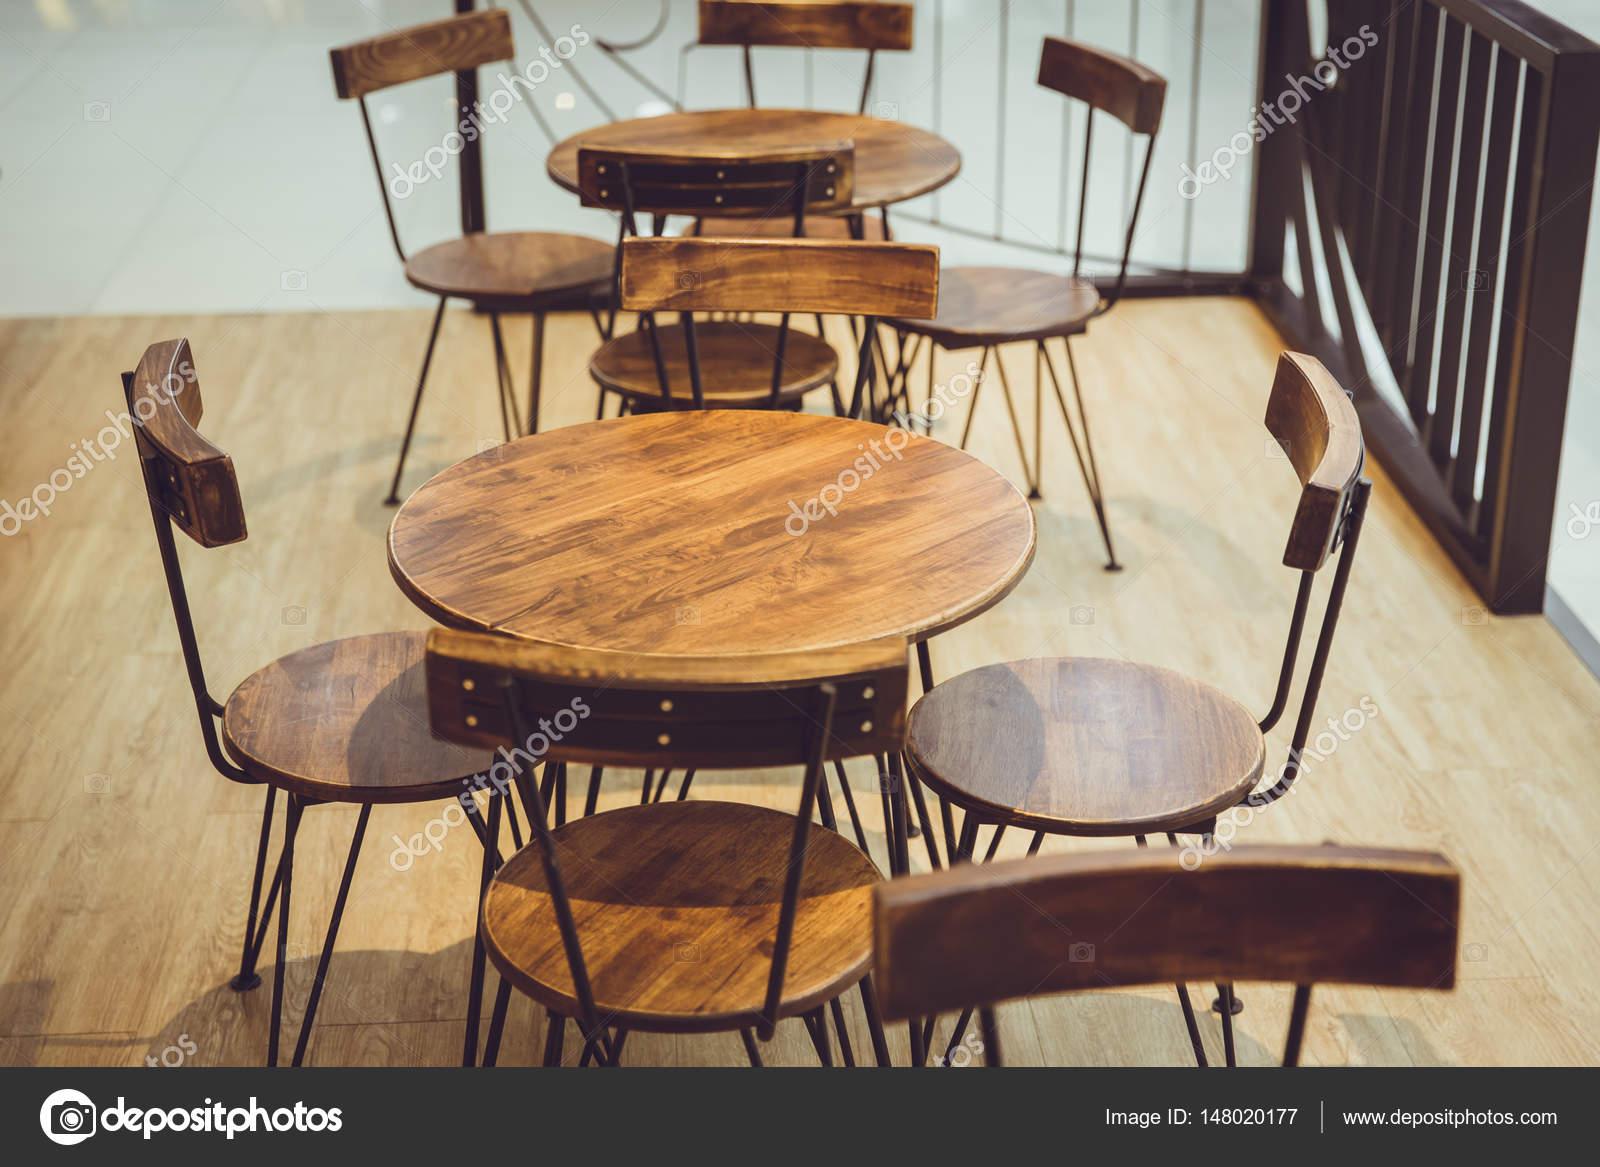 Cafe met houten natuurlijke stijl decoratie tafel en stoel in het